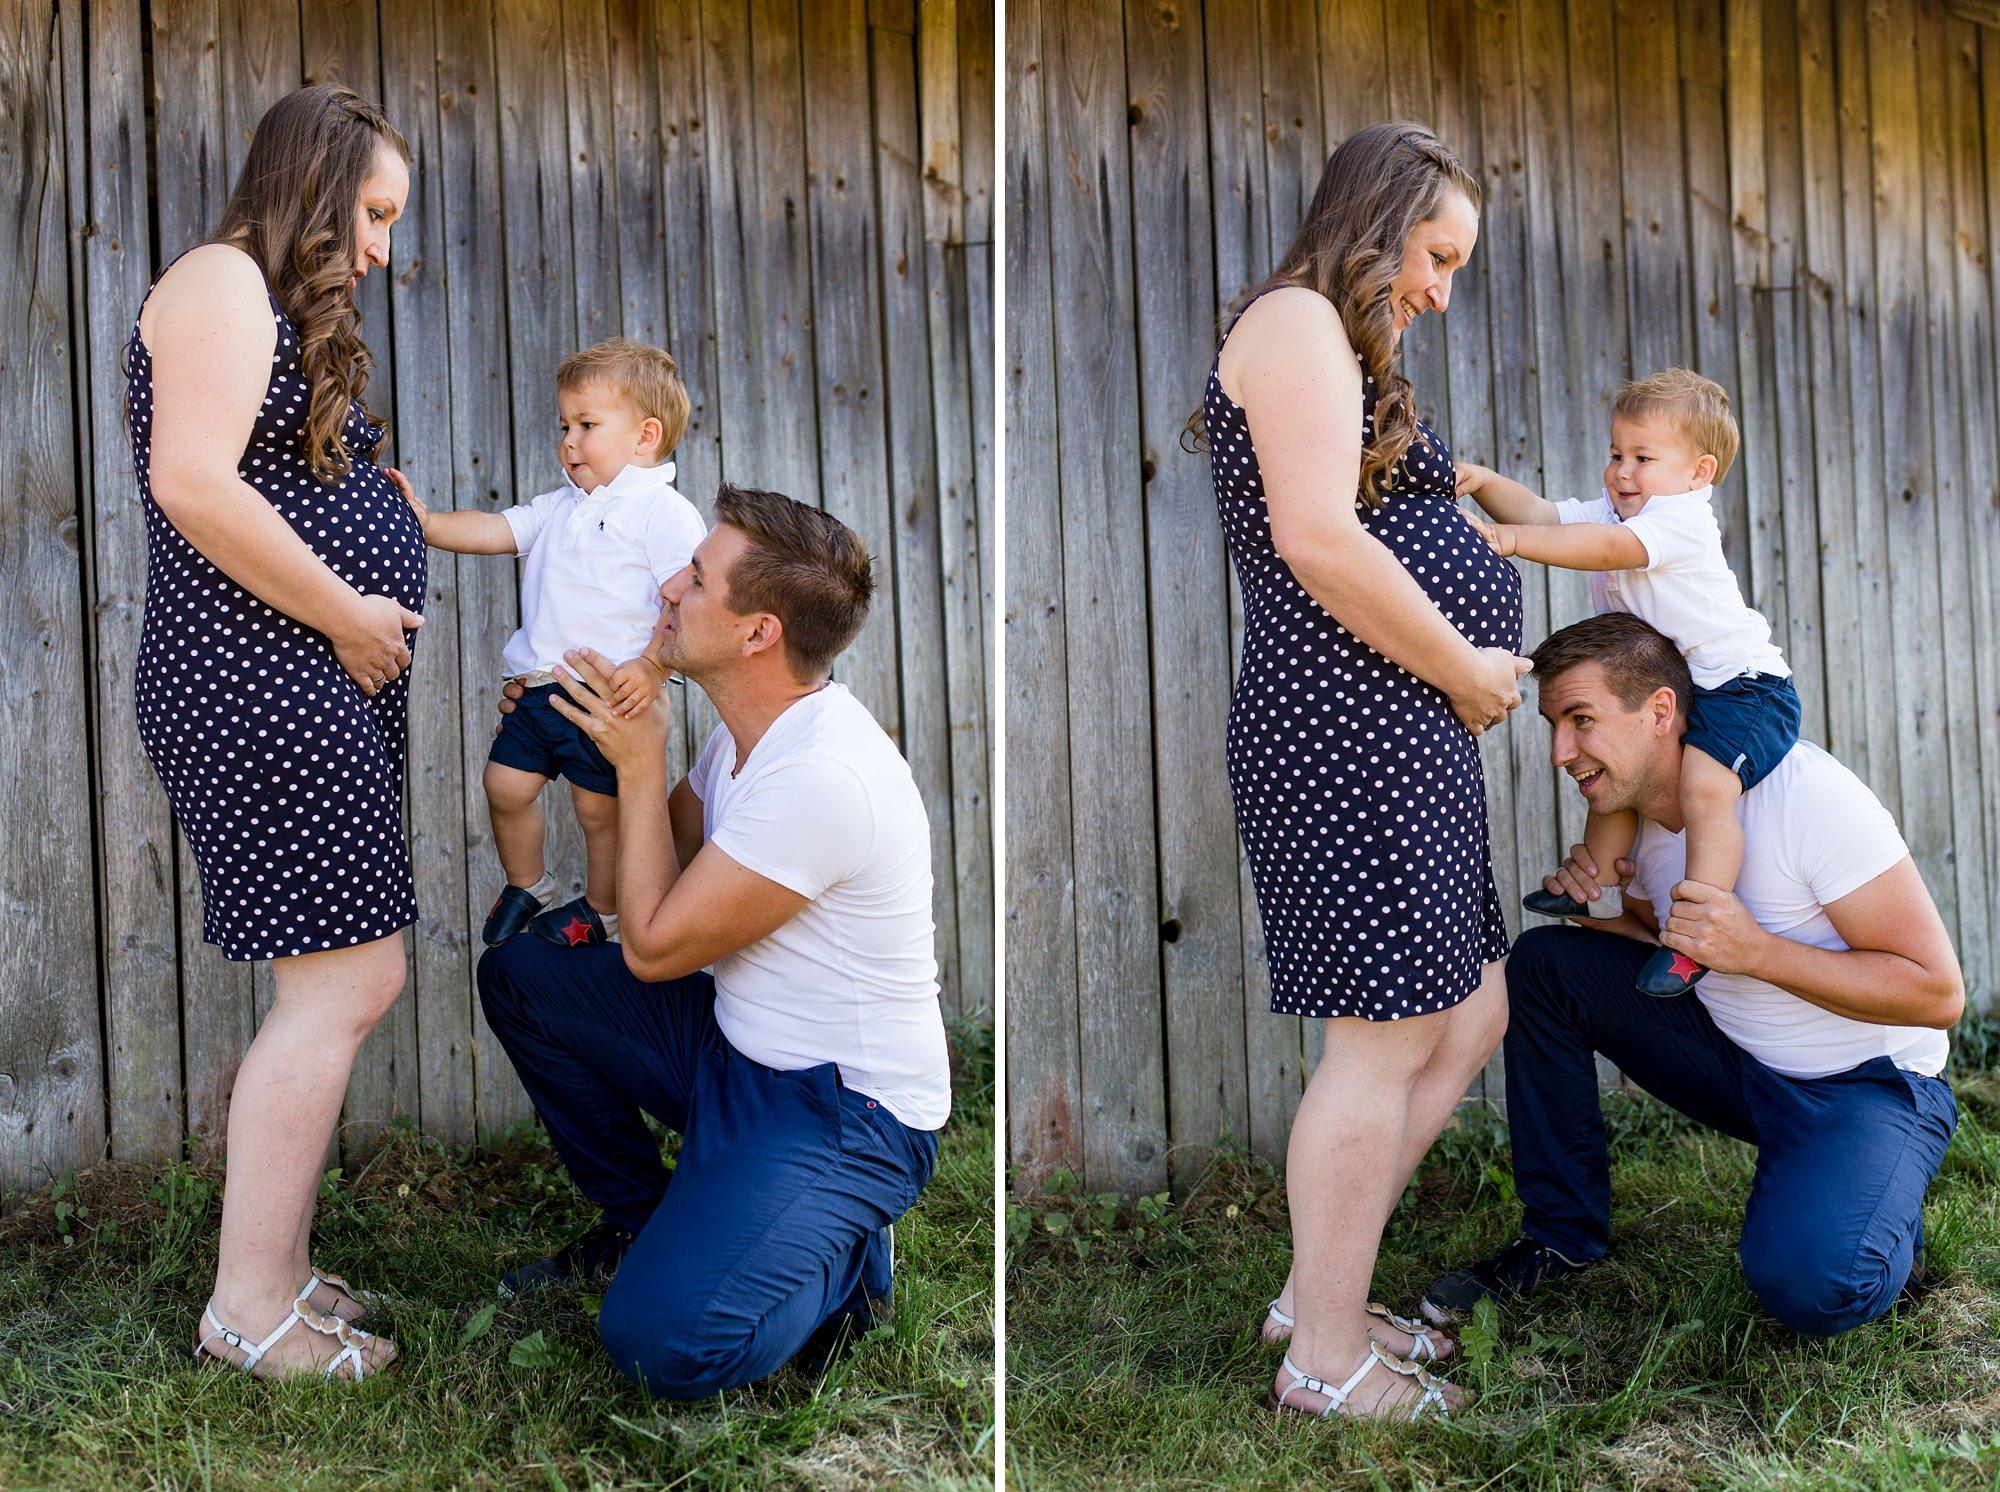 Kleinkind bewundert Schwangerschafts-Bauch seiner Mutter